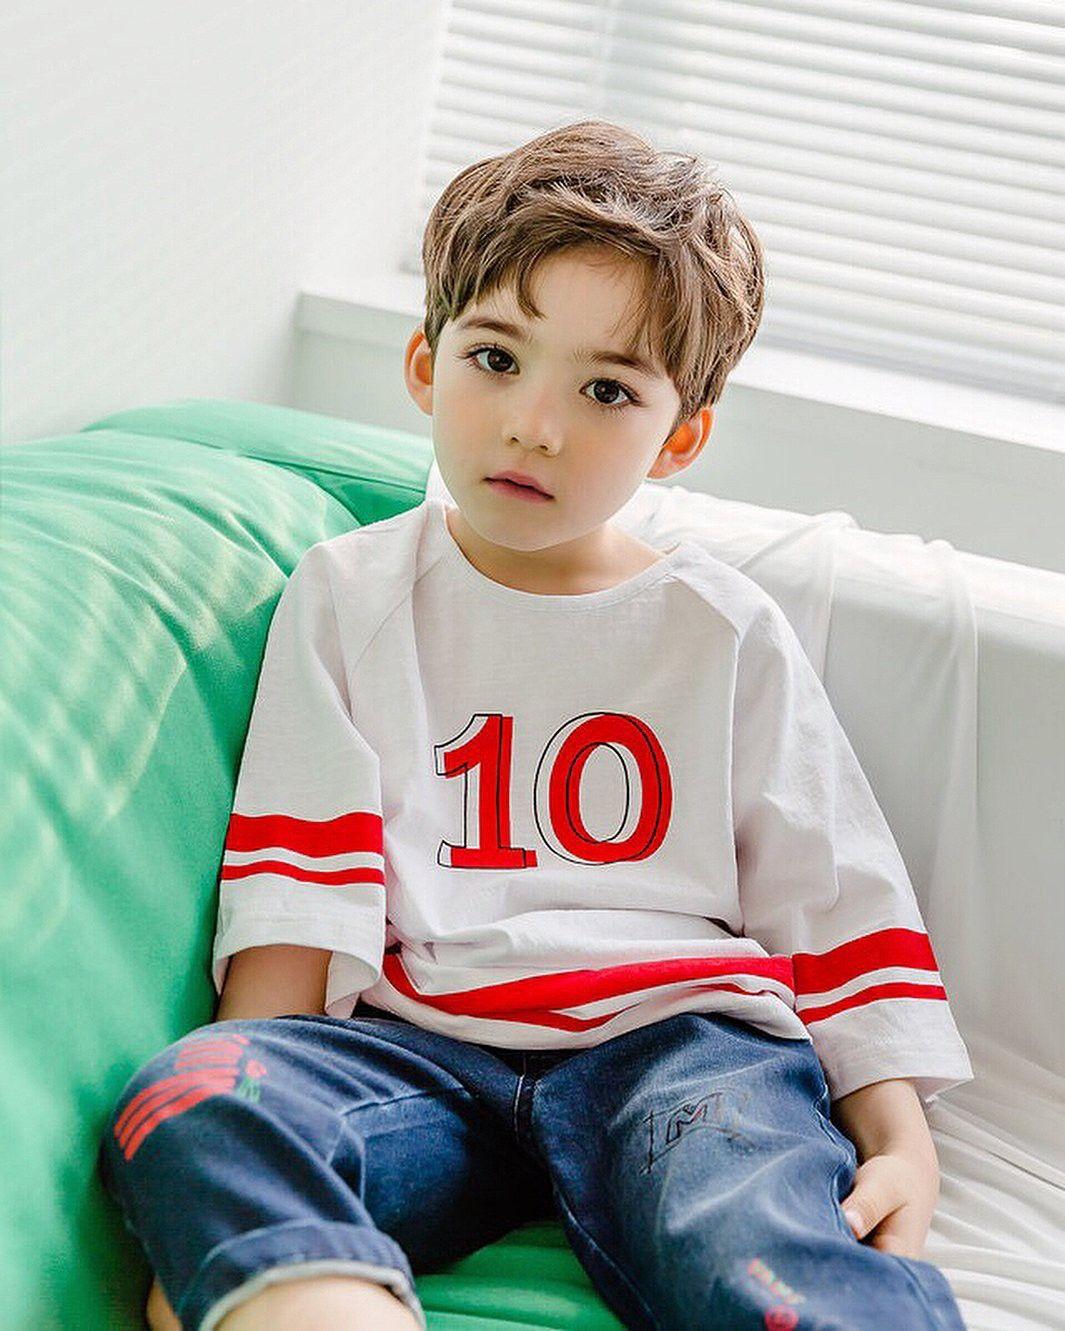 Kiểu tóc undercut cho bé trai đẹp